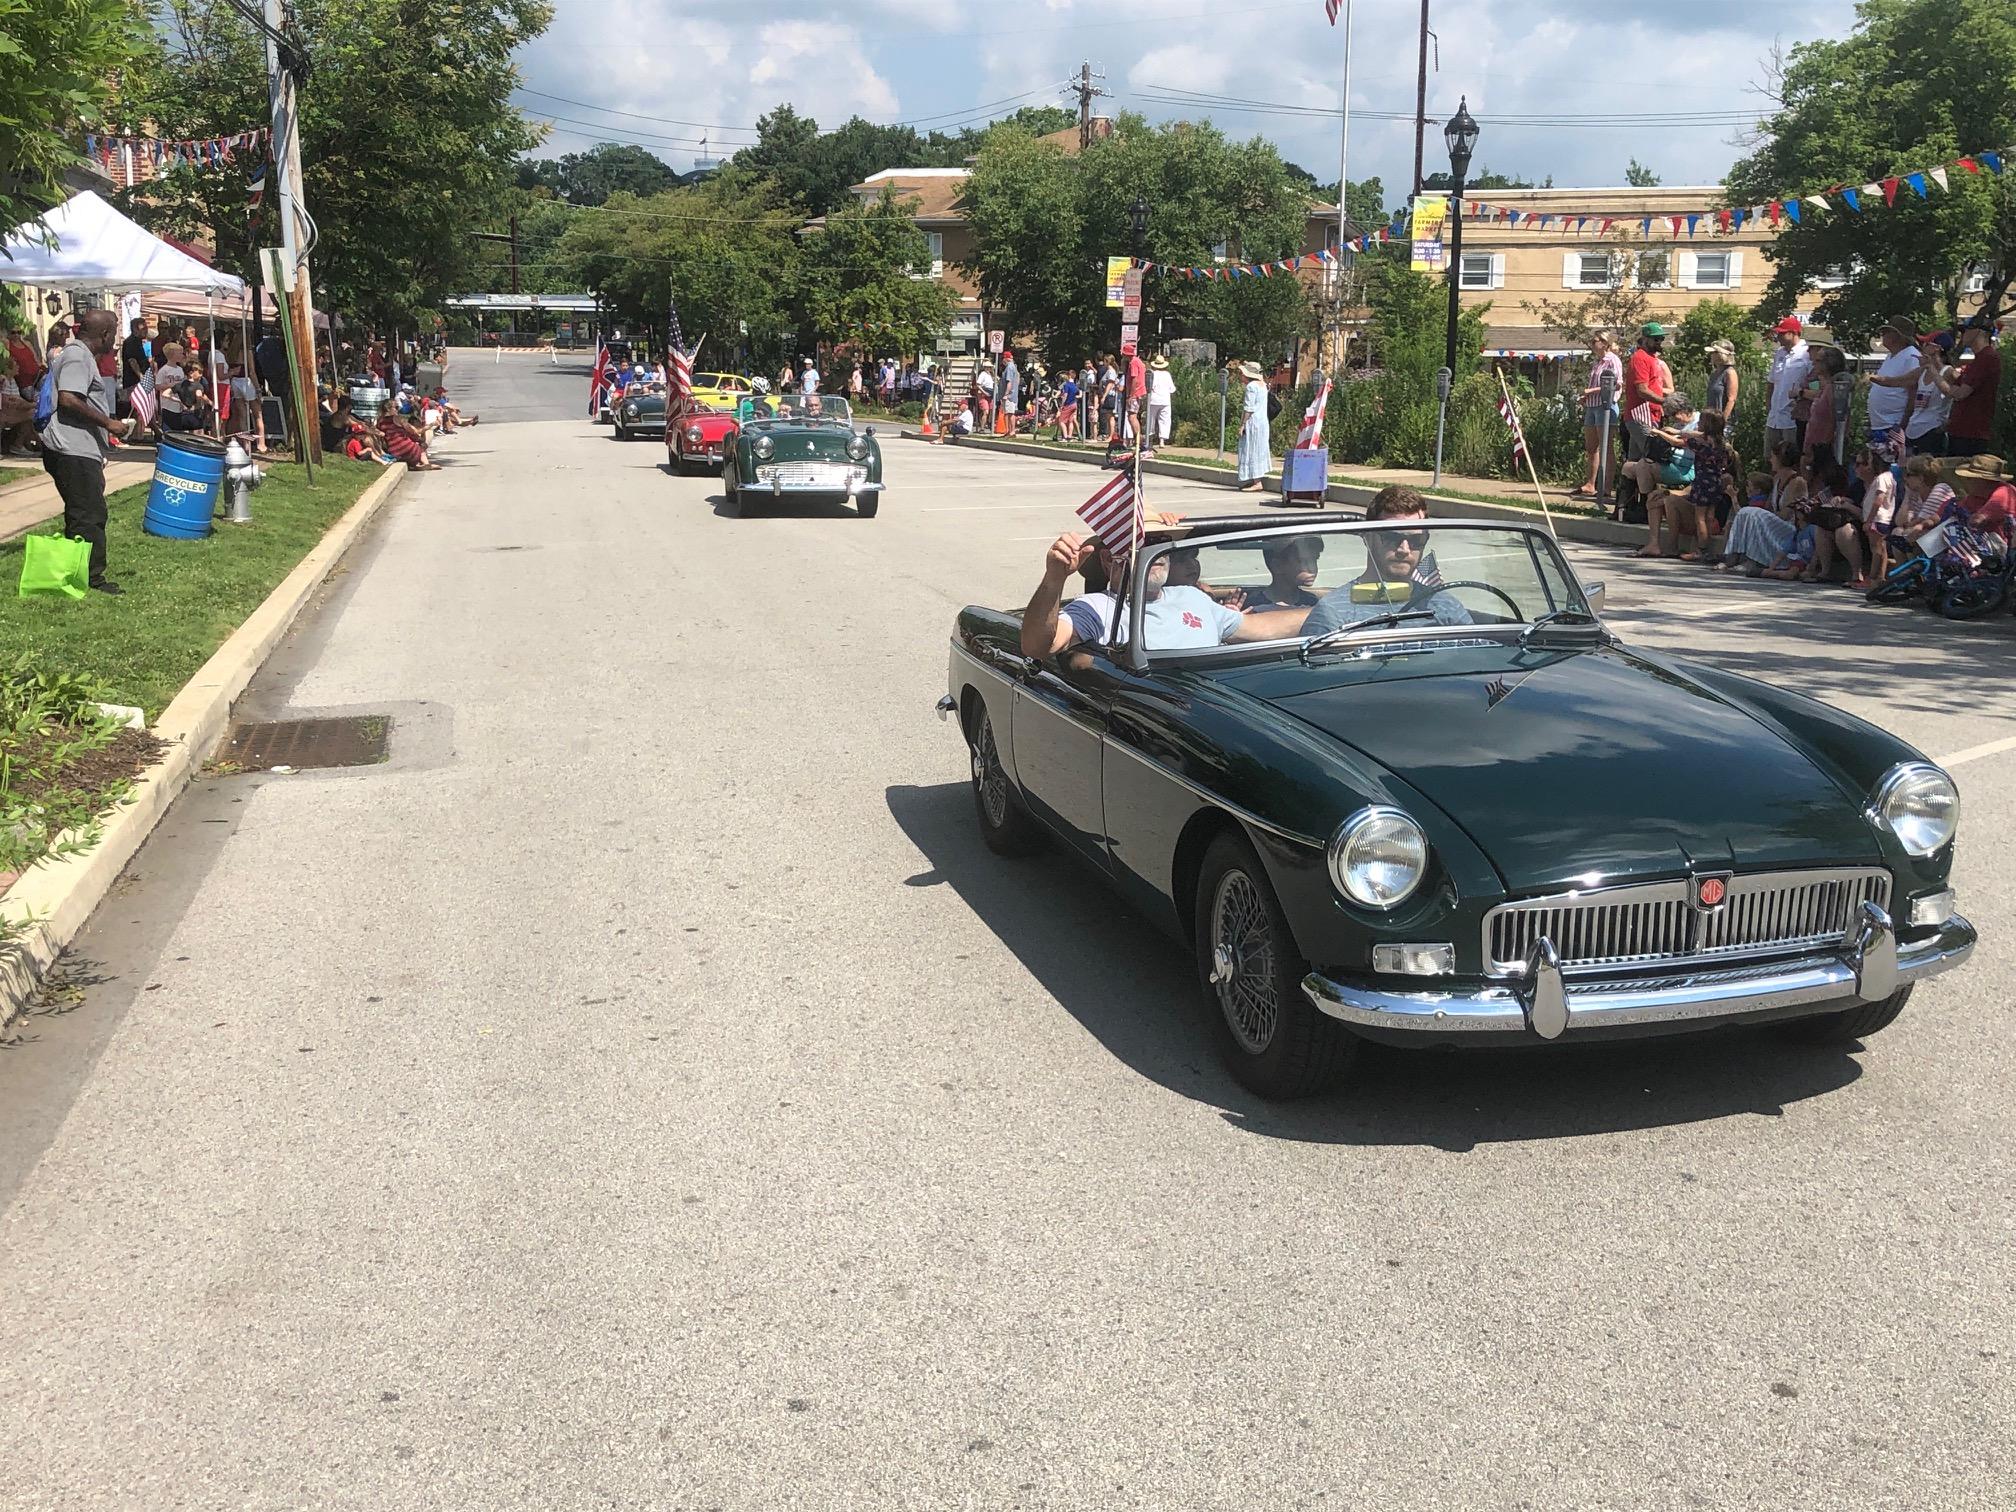 British car parade in Swarthmore